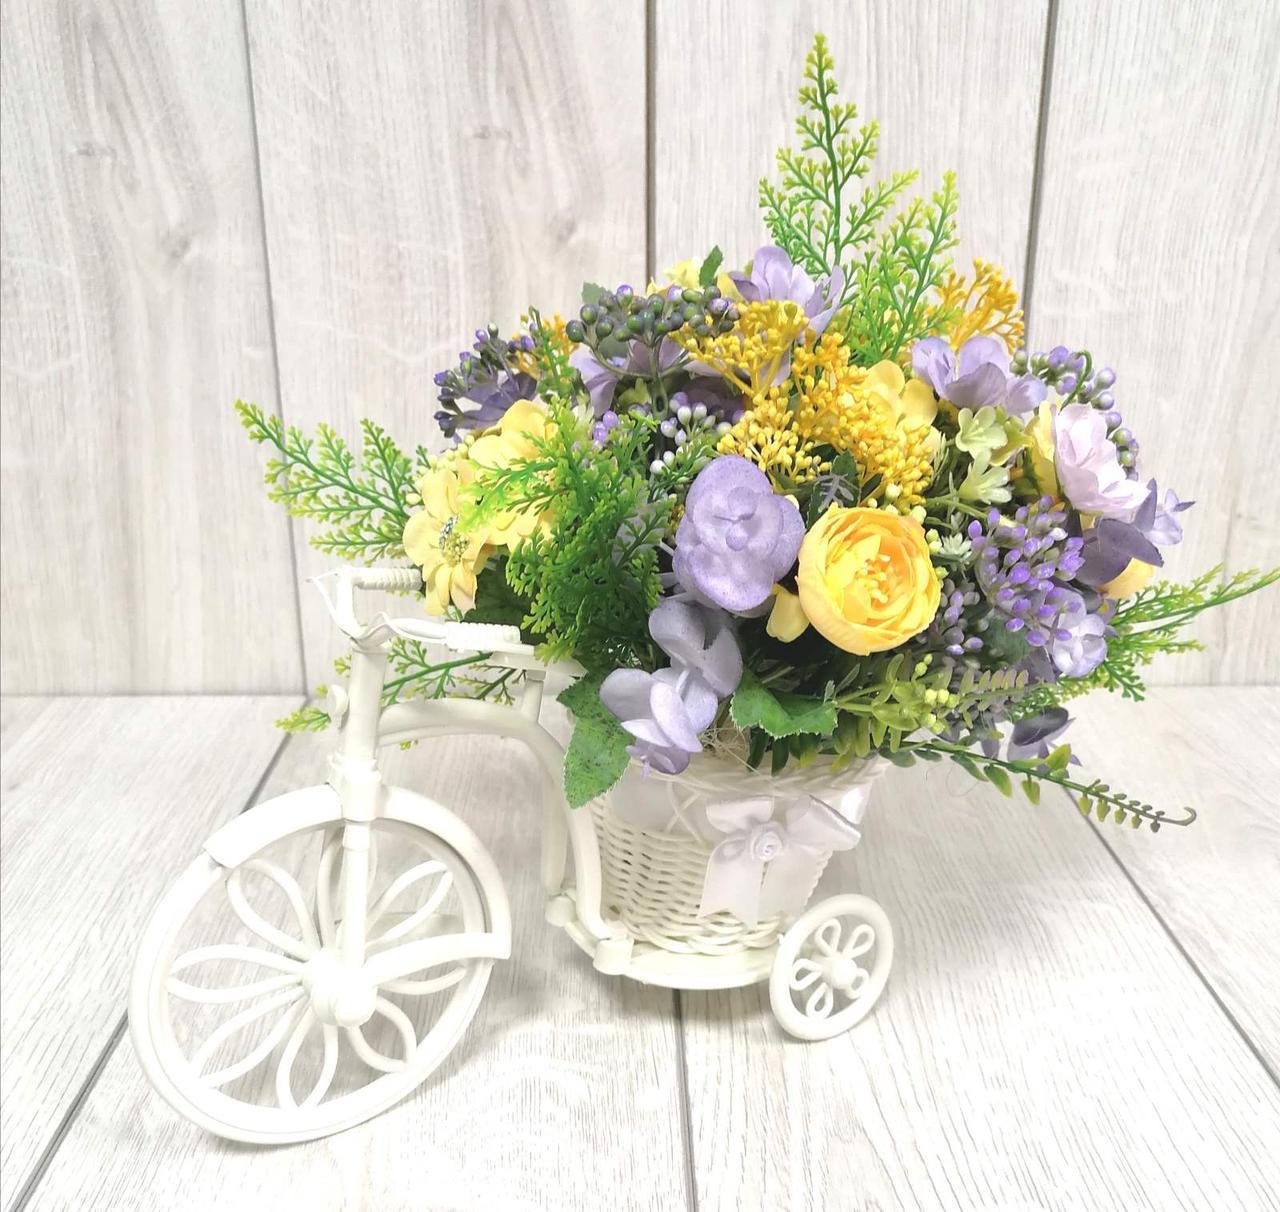 Композиция из цветов в кашпо велосипеде